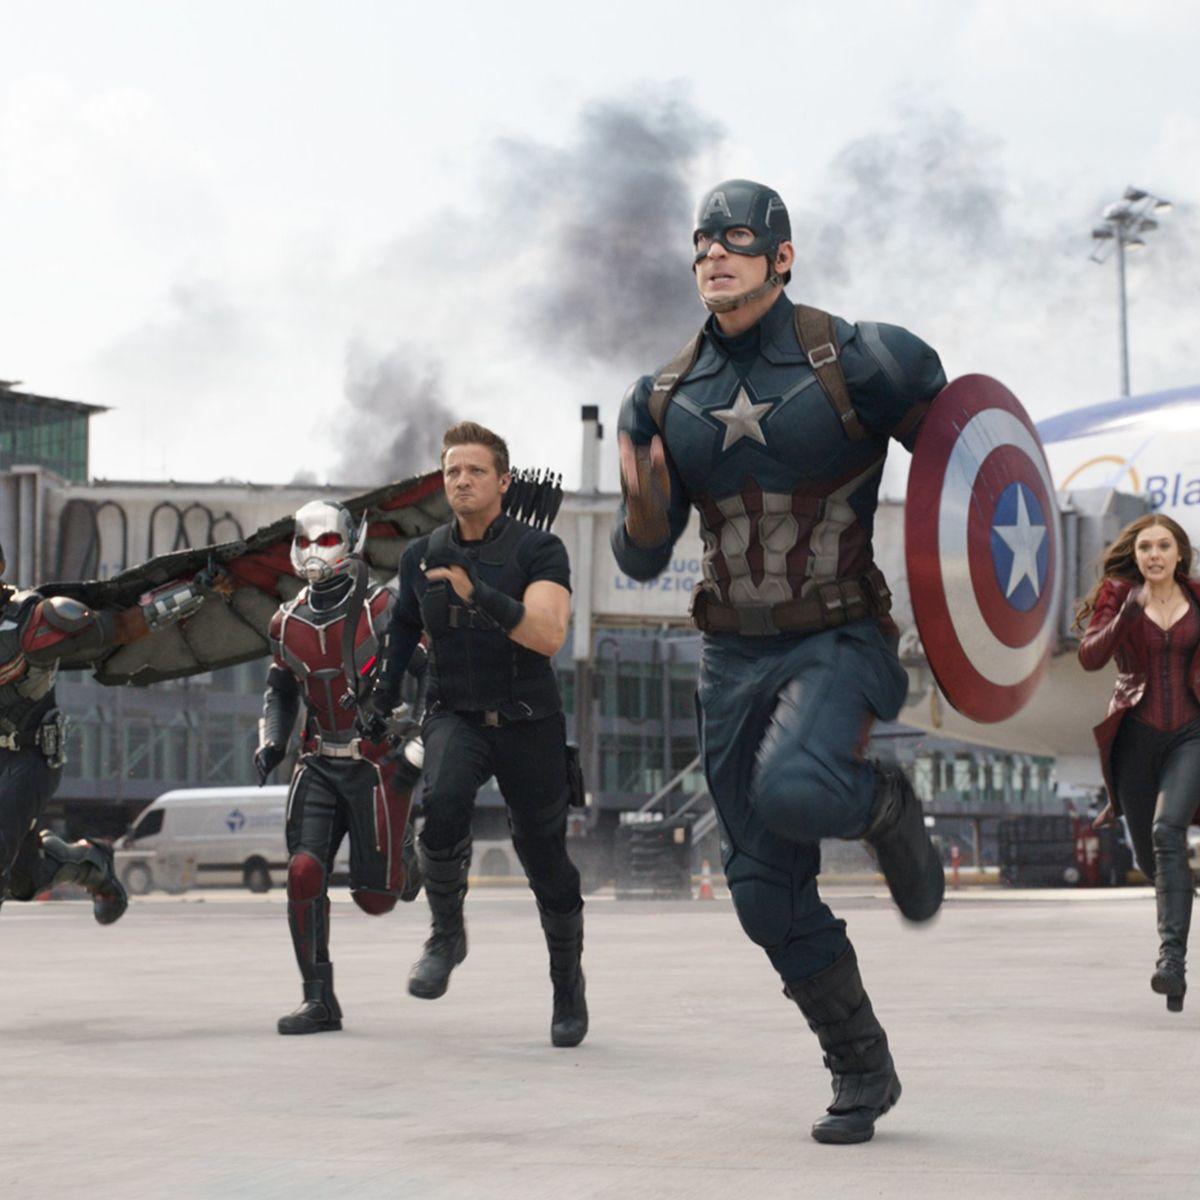 Captain-America-Civil-War-Airport.jpg